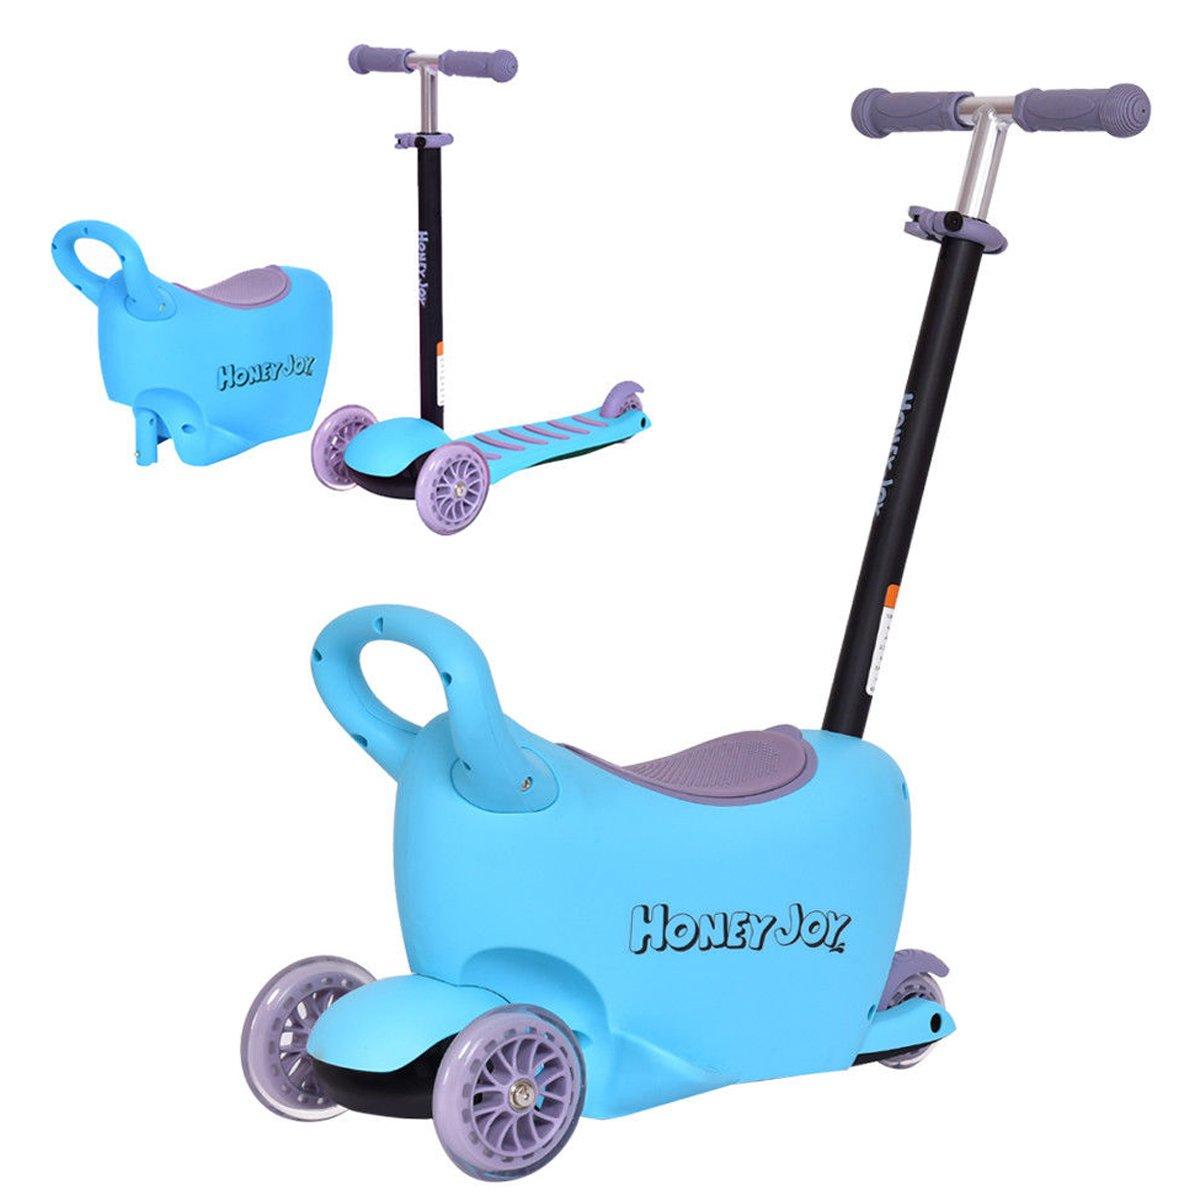 Amazon.com: HONEY JOY - Patinete para bebé, 3 en 1, para ...